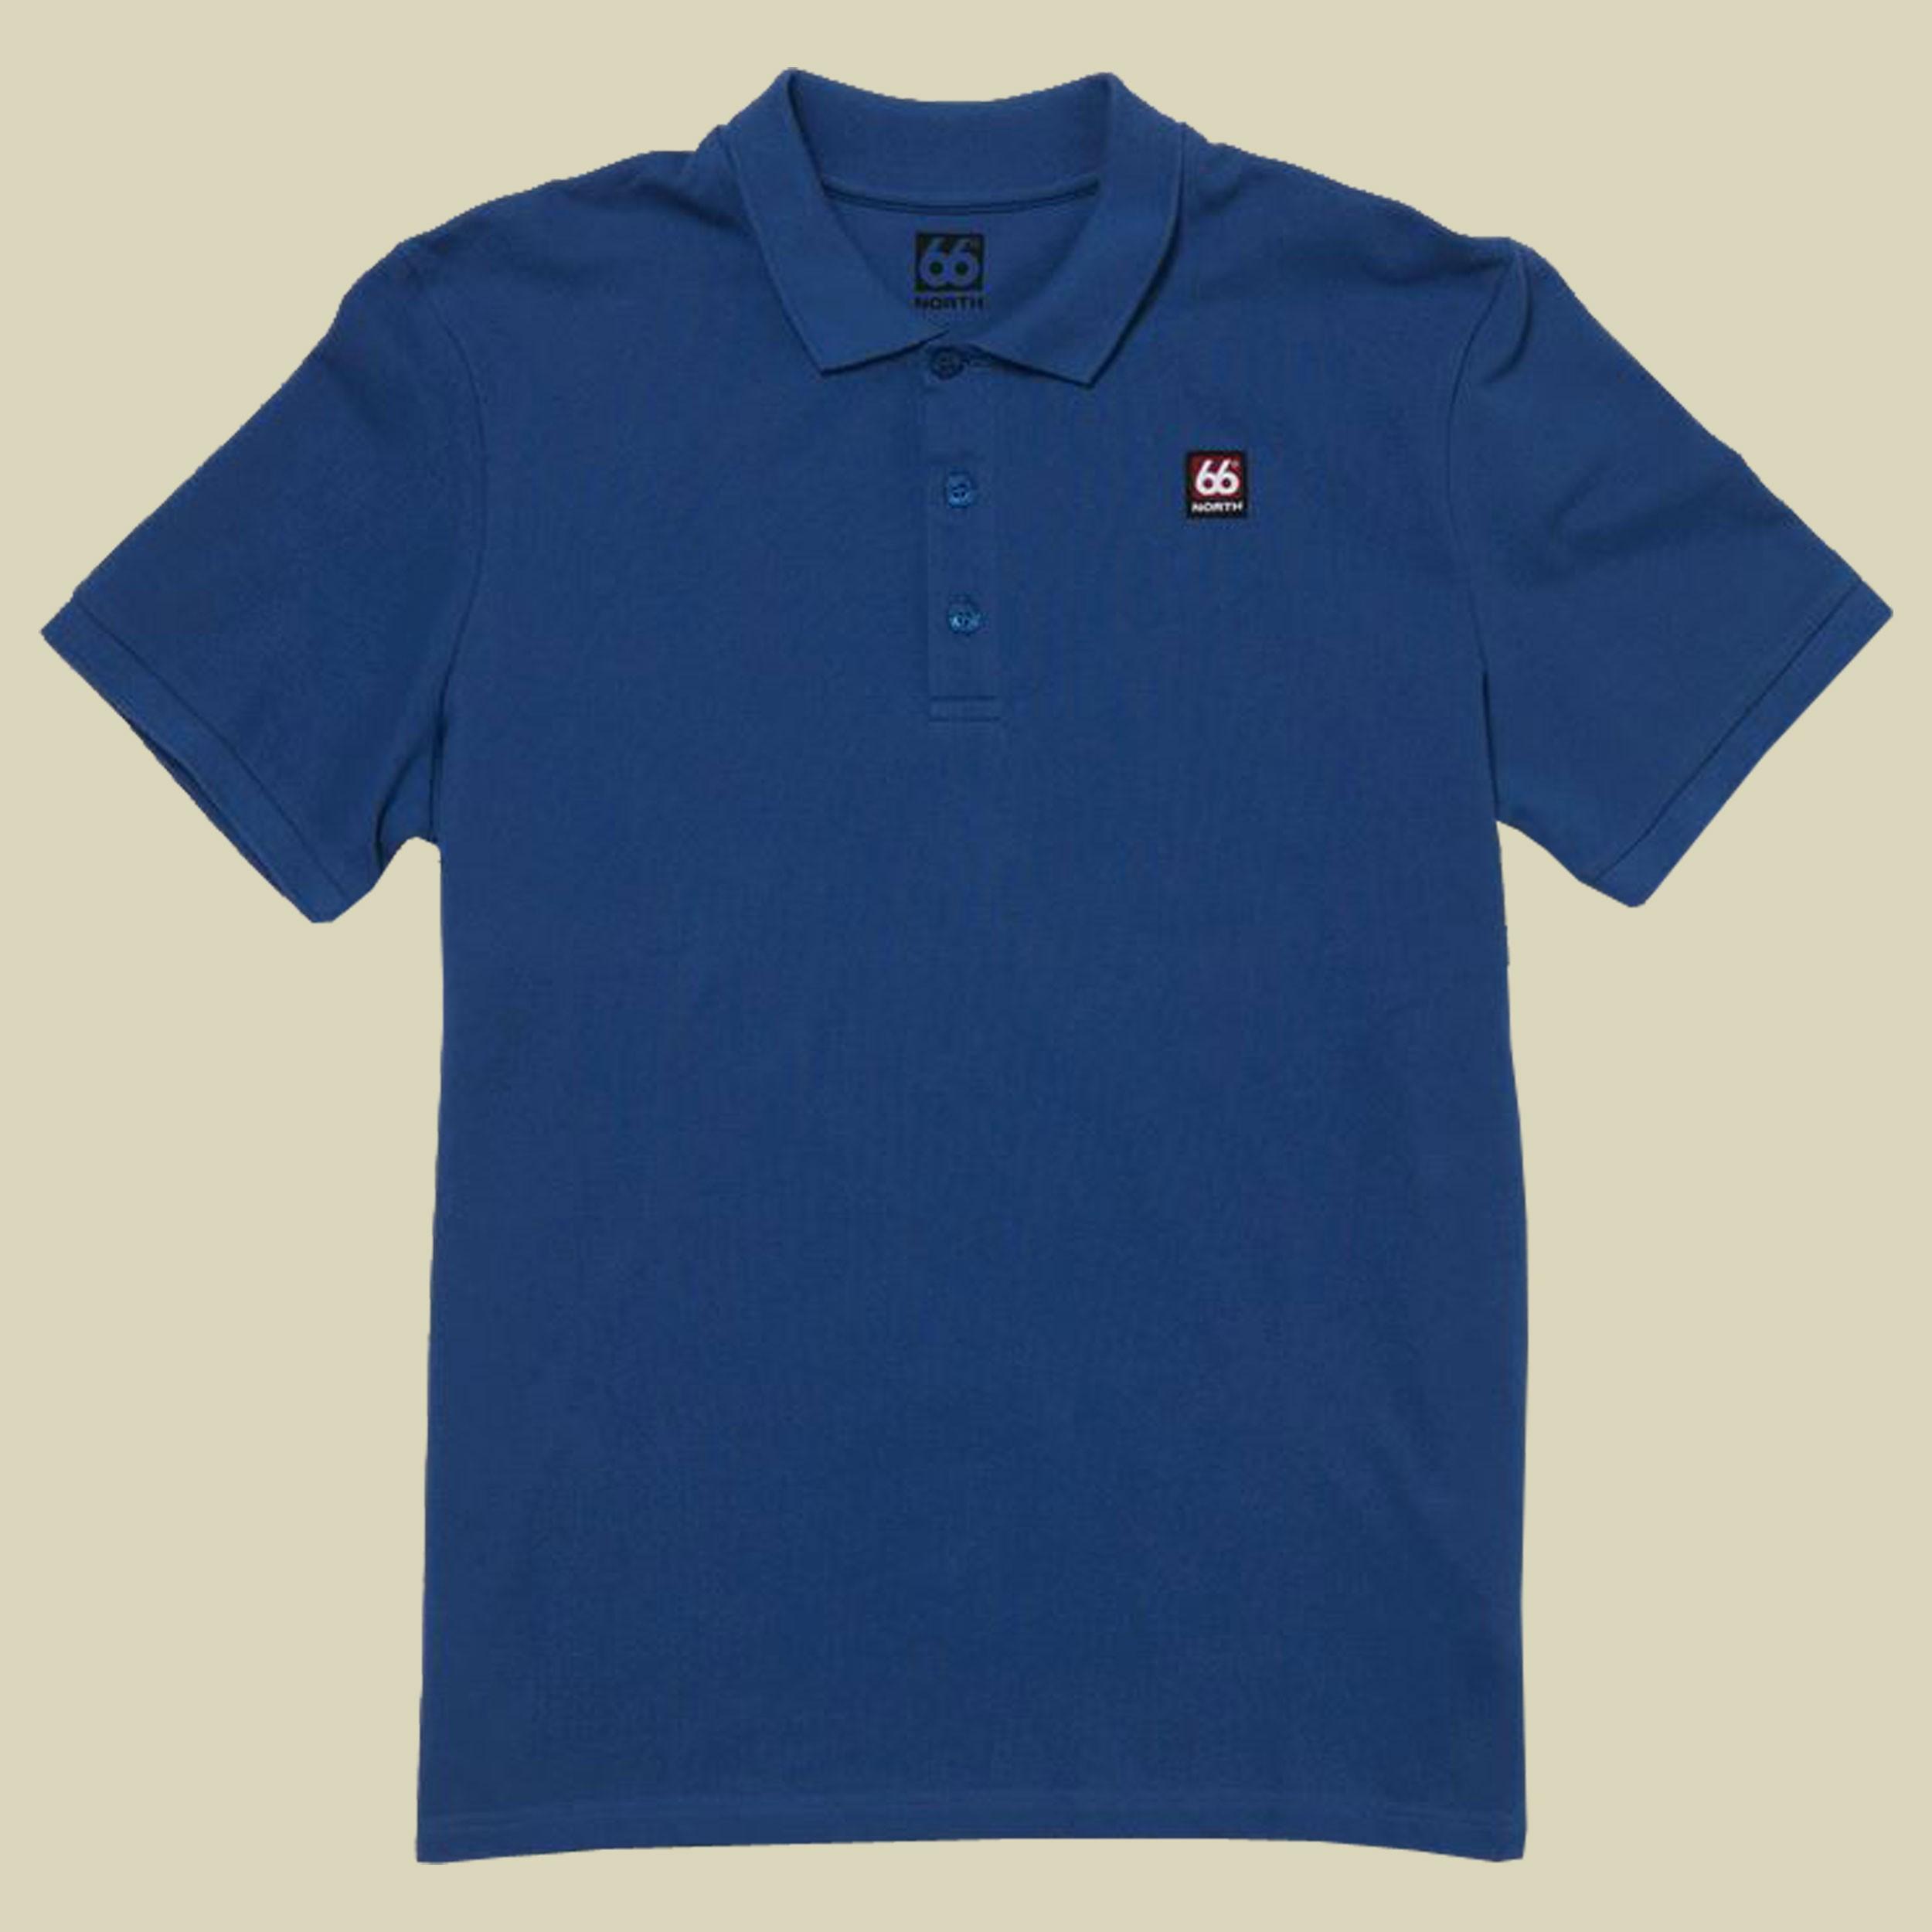 Setberg Polo Shirt